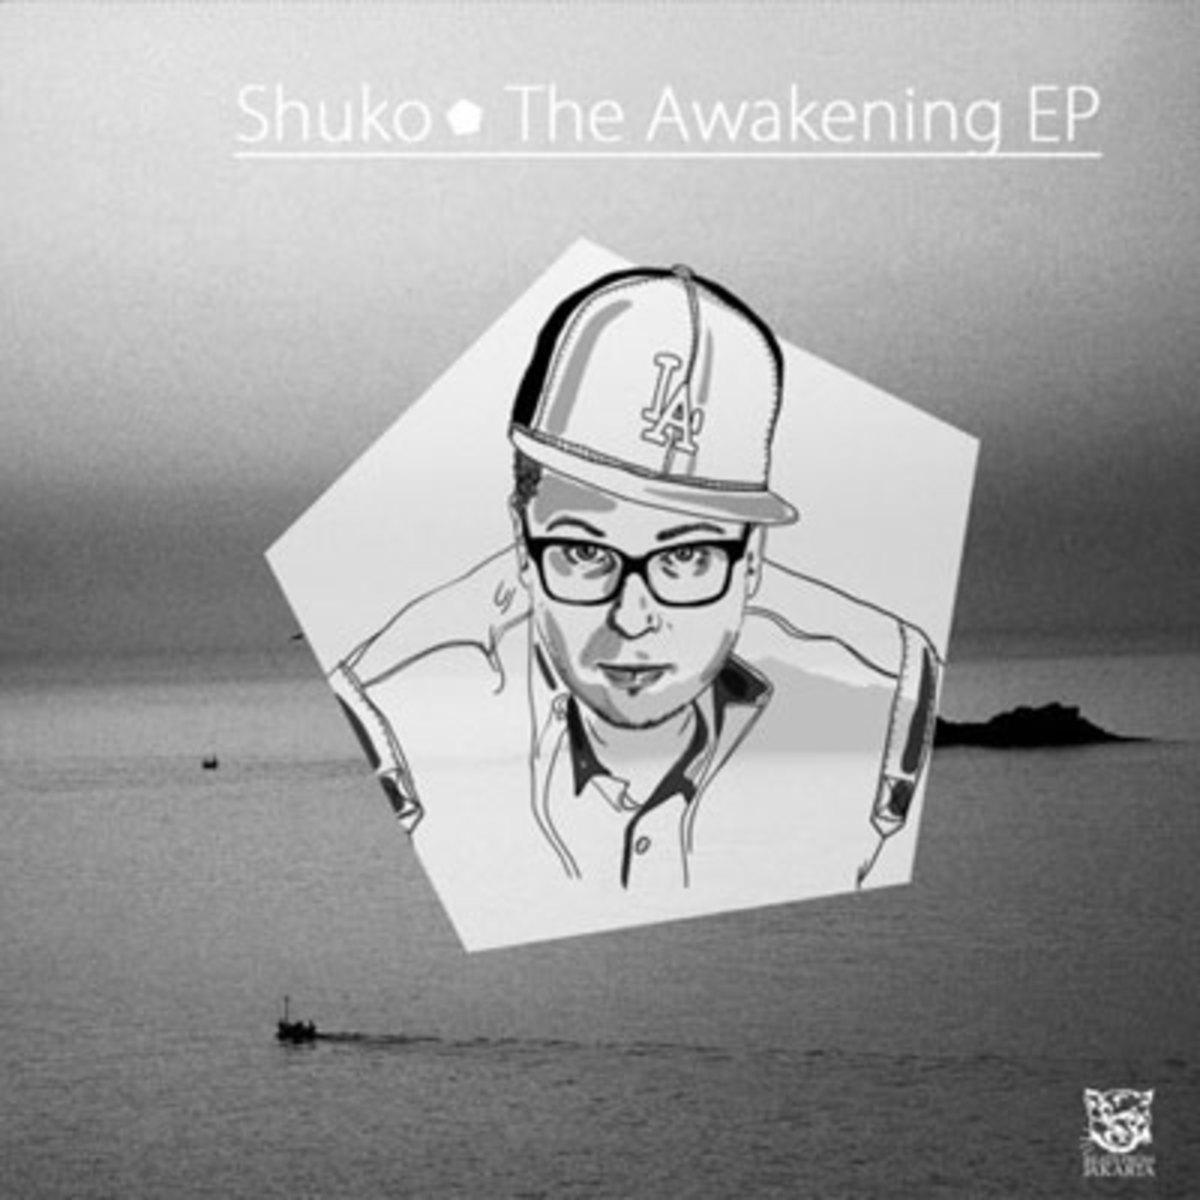 shuko-awakeningep.jpg